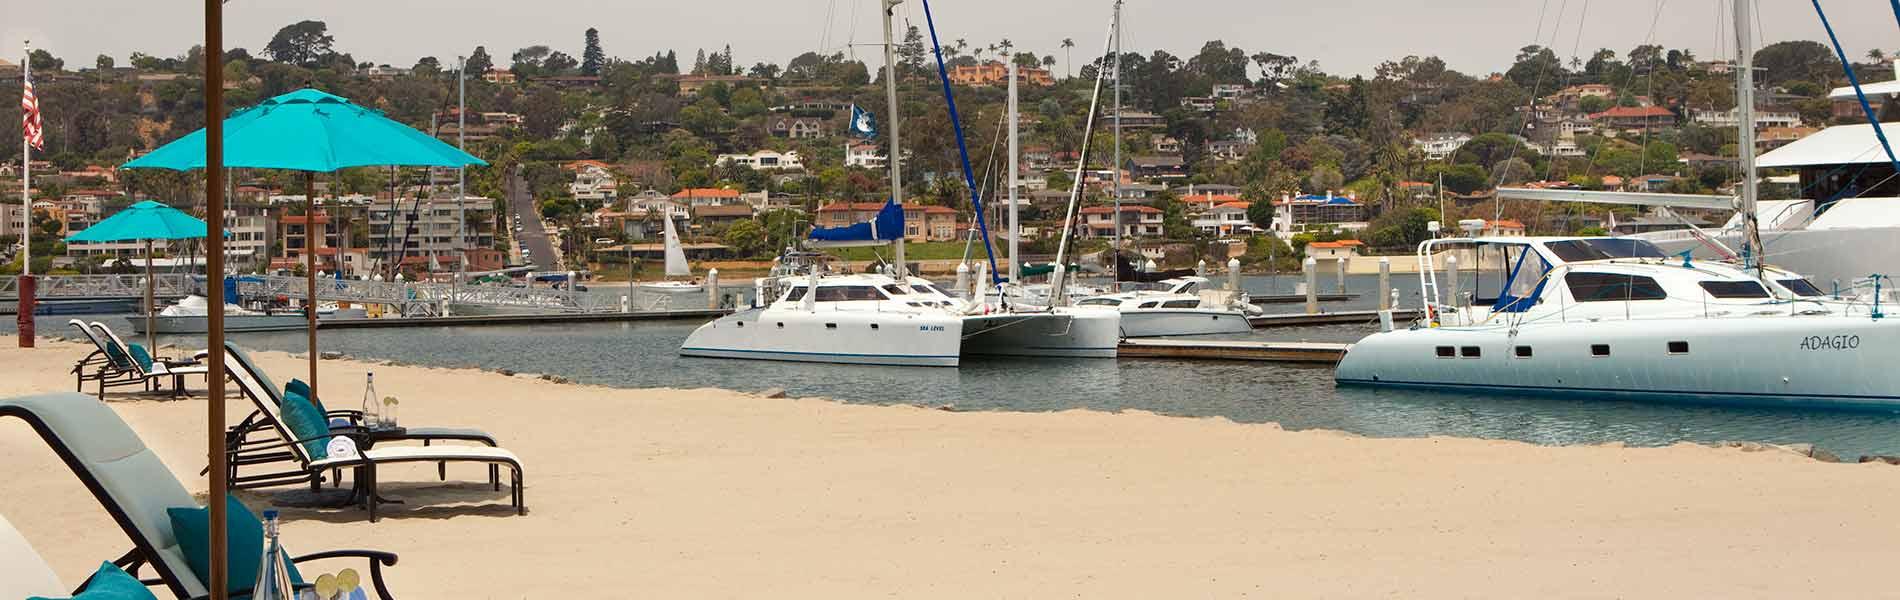 Boats docked at Kona Kai Club